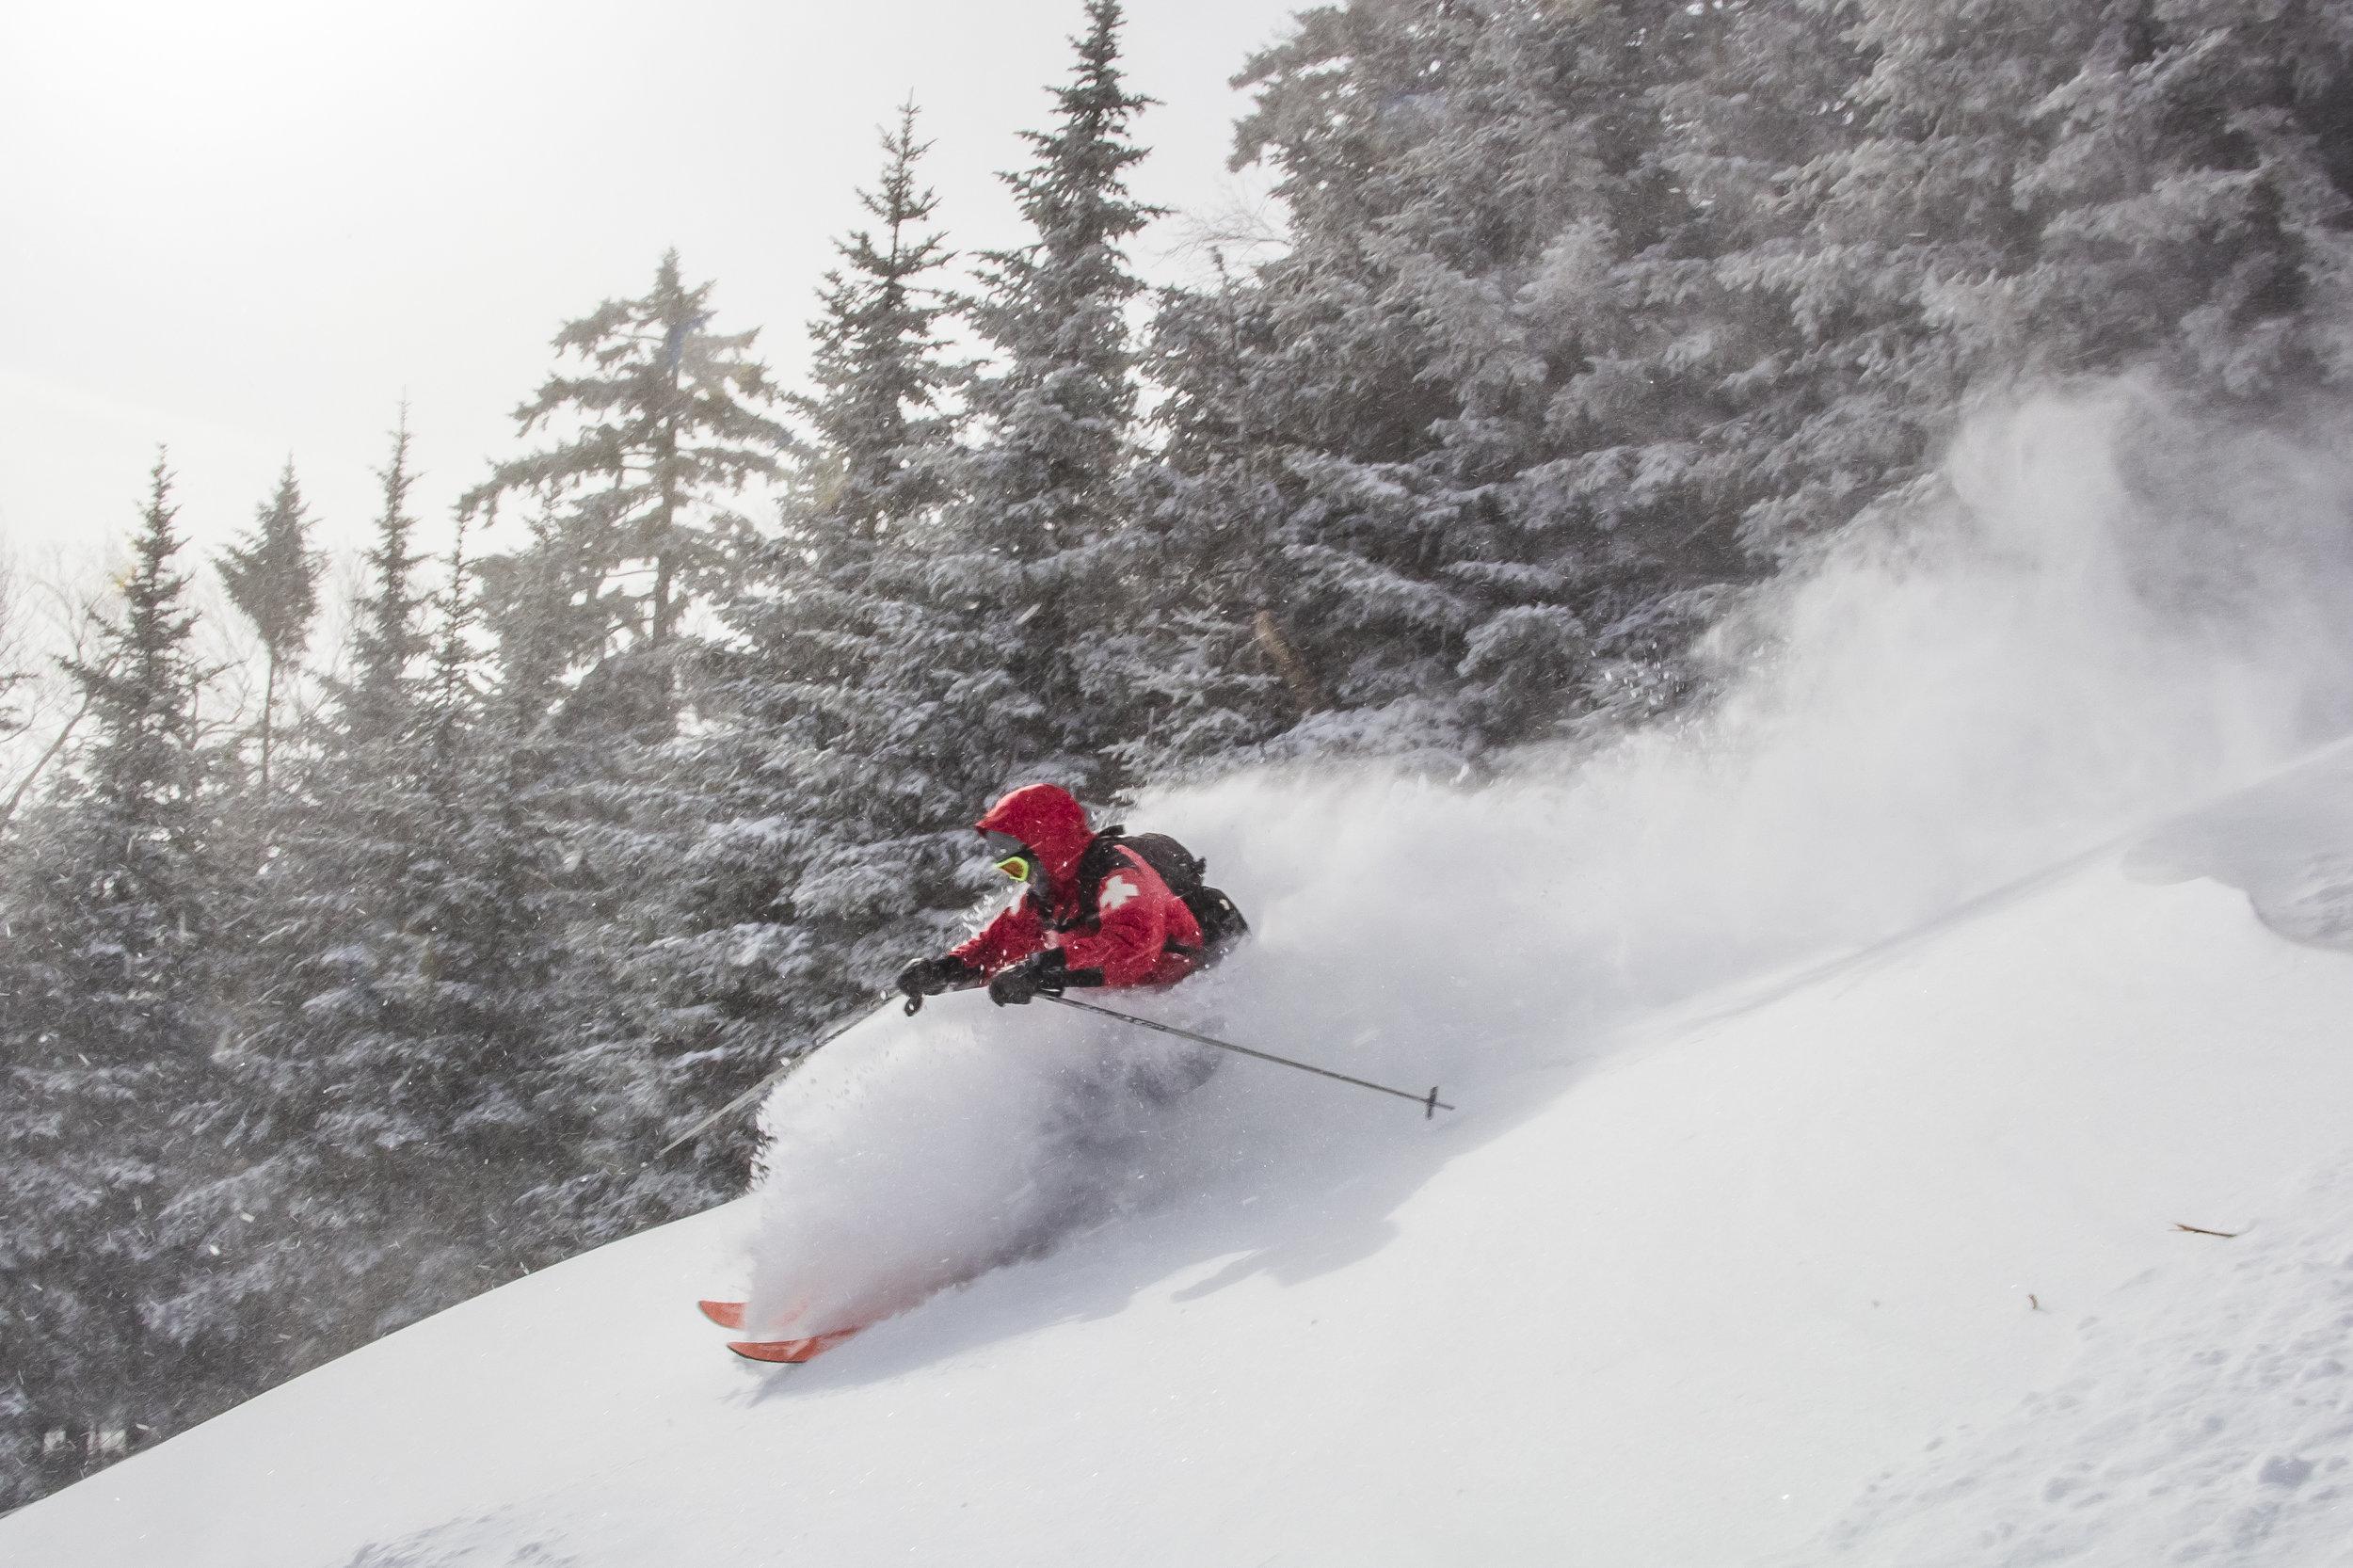 Skiing Powder at Jay Peak